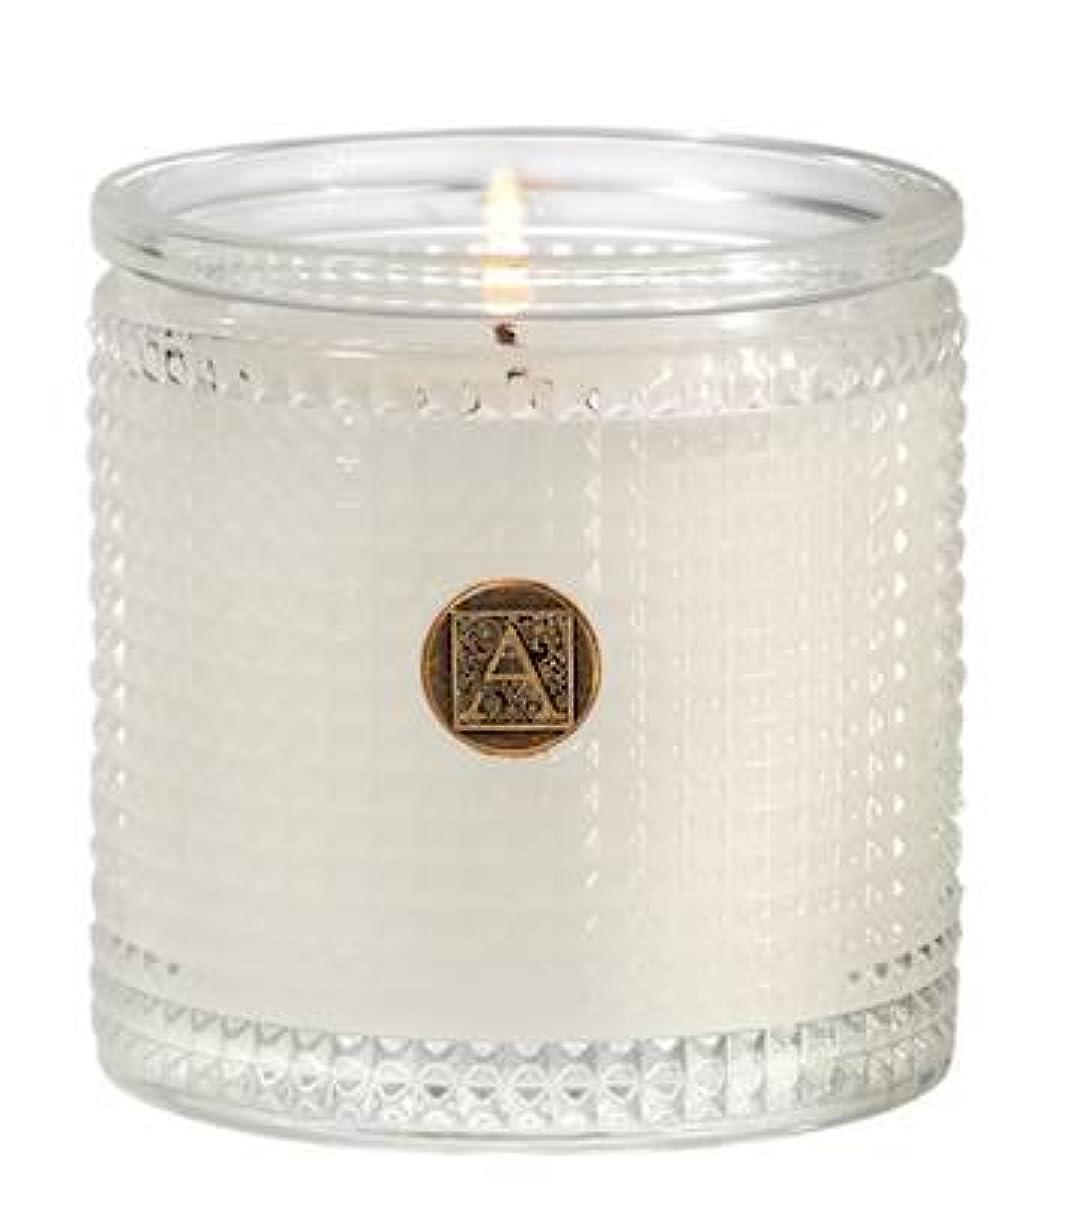 ゲージルート衝動Aromatique BourbonベルガモットTexturedガラス香りつきJar Candle